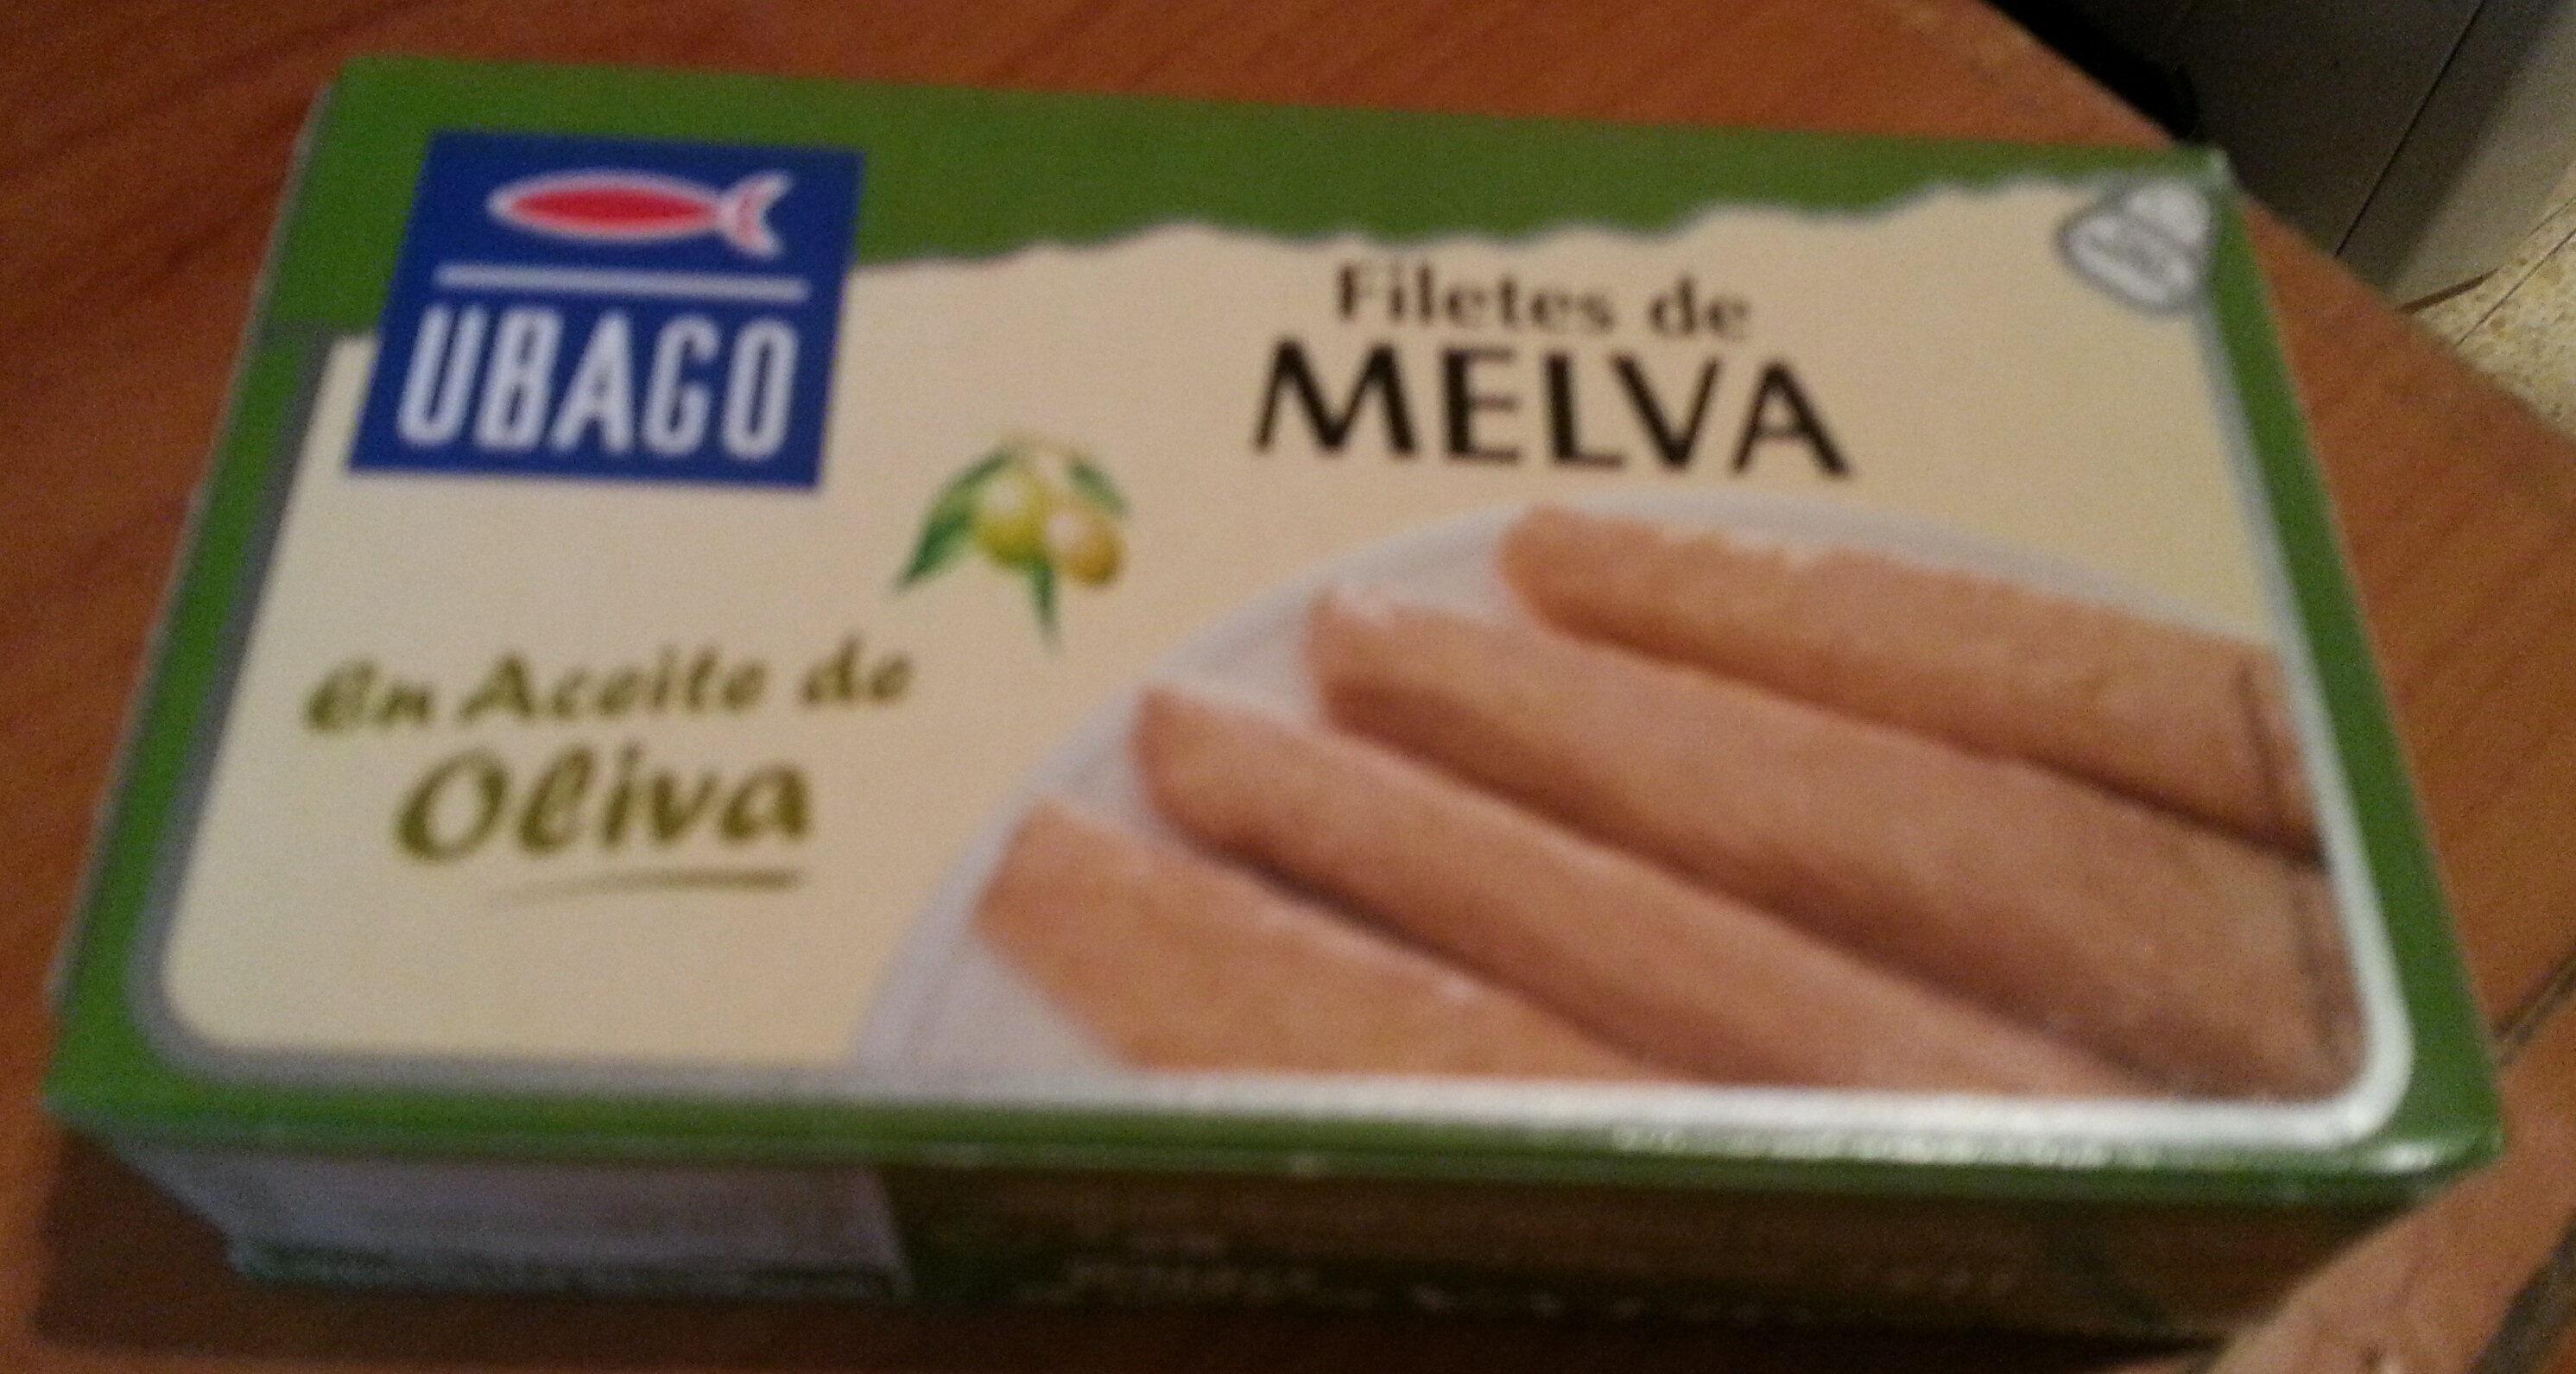 Filetes de melva - Producto - es